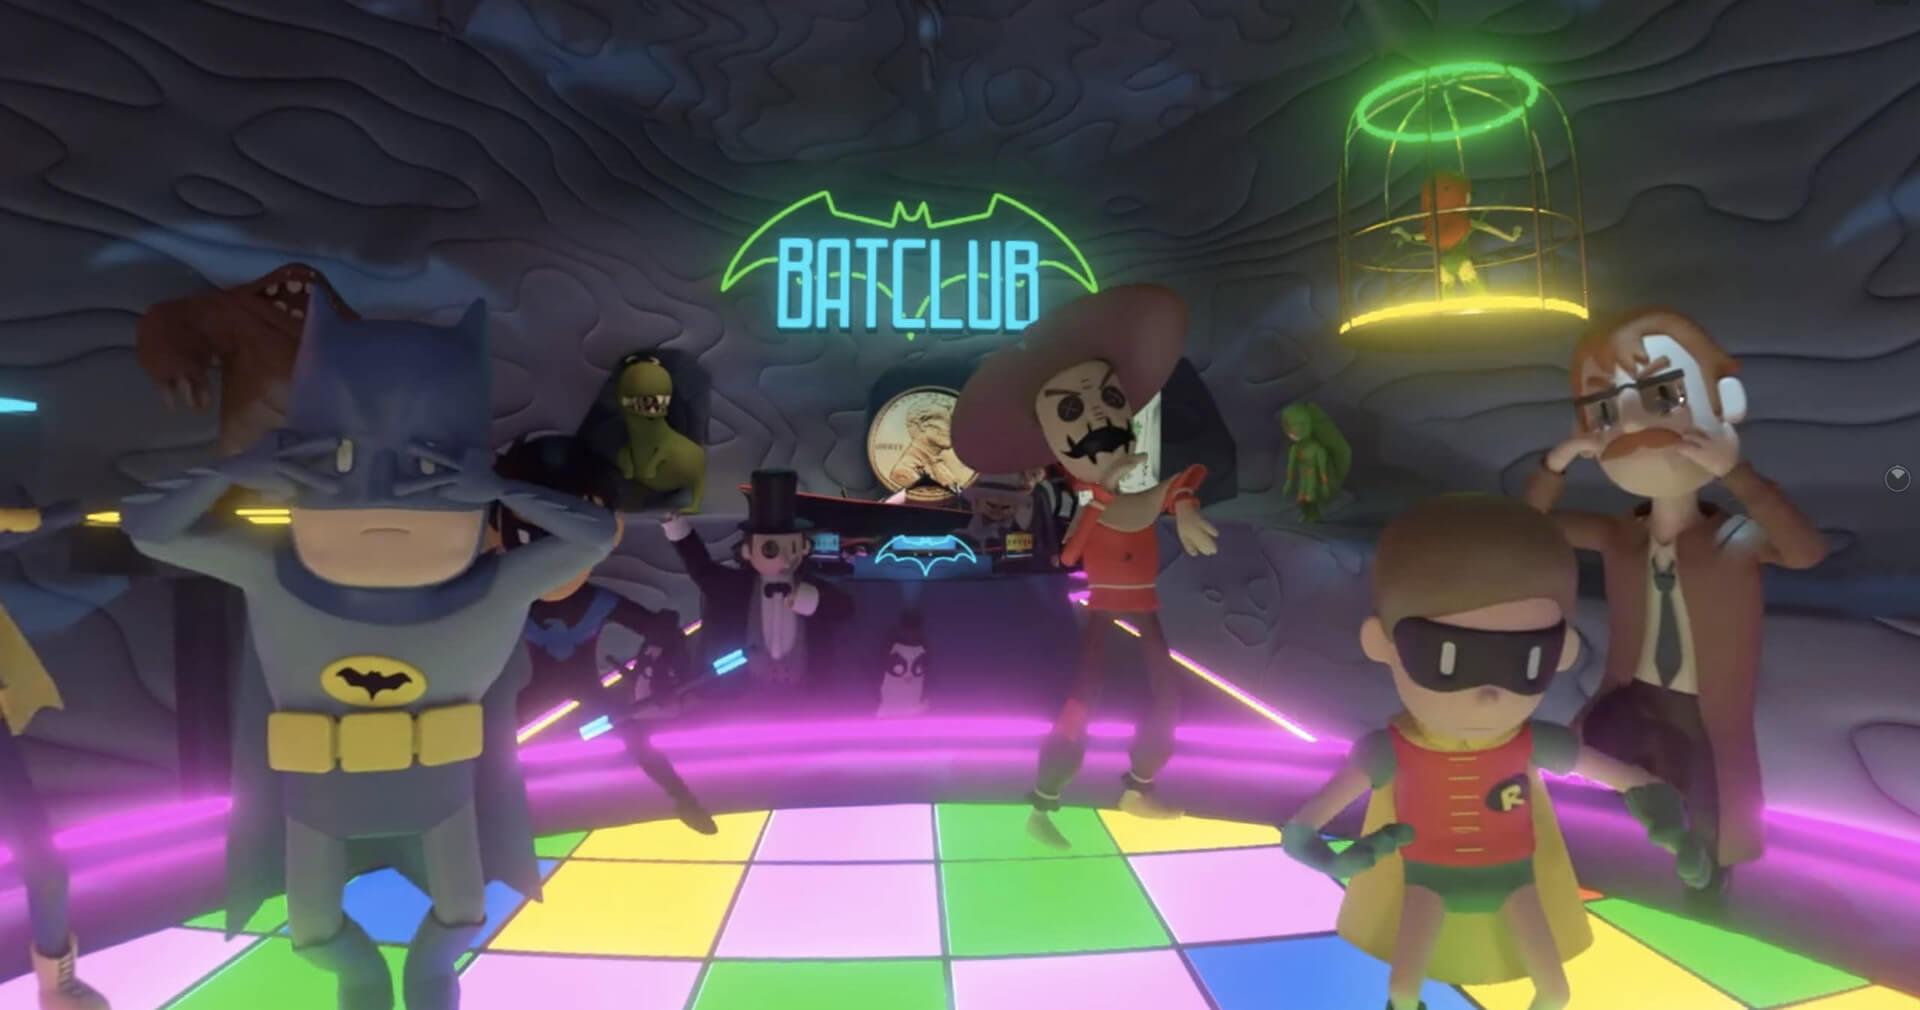 Batcave Dance Party VR